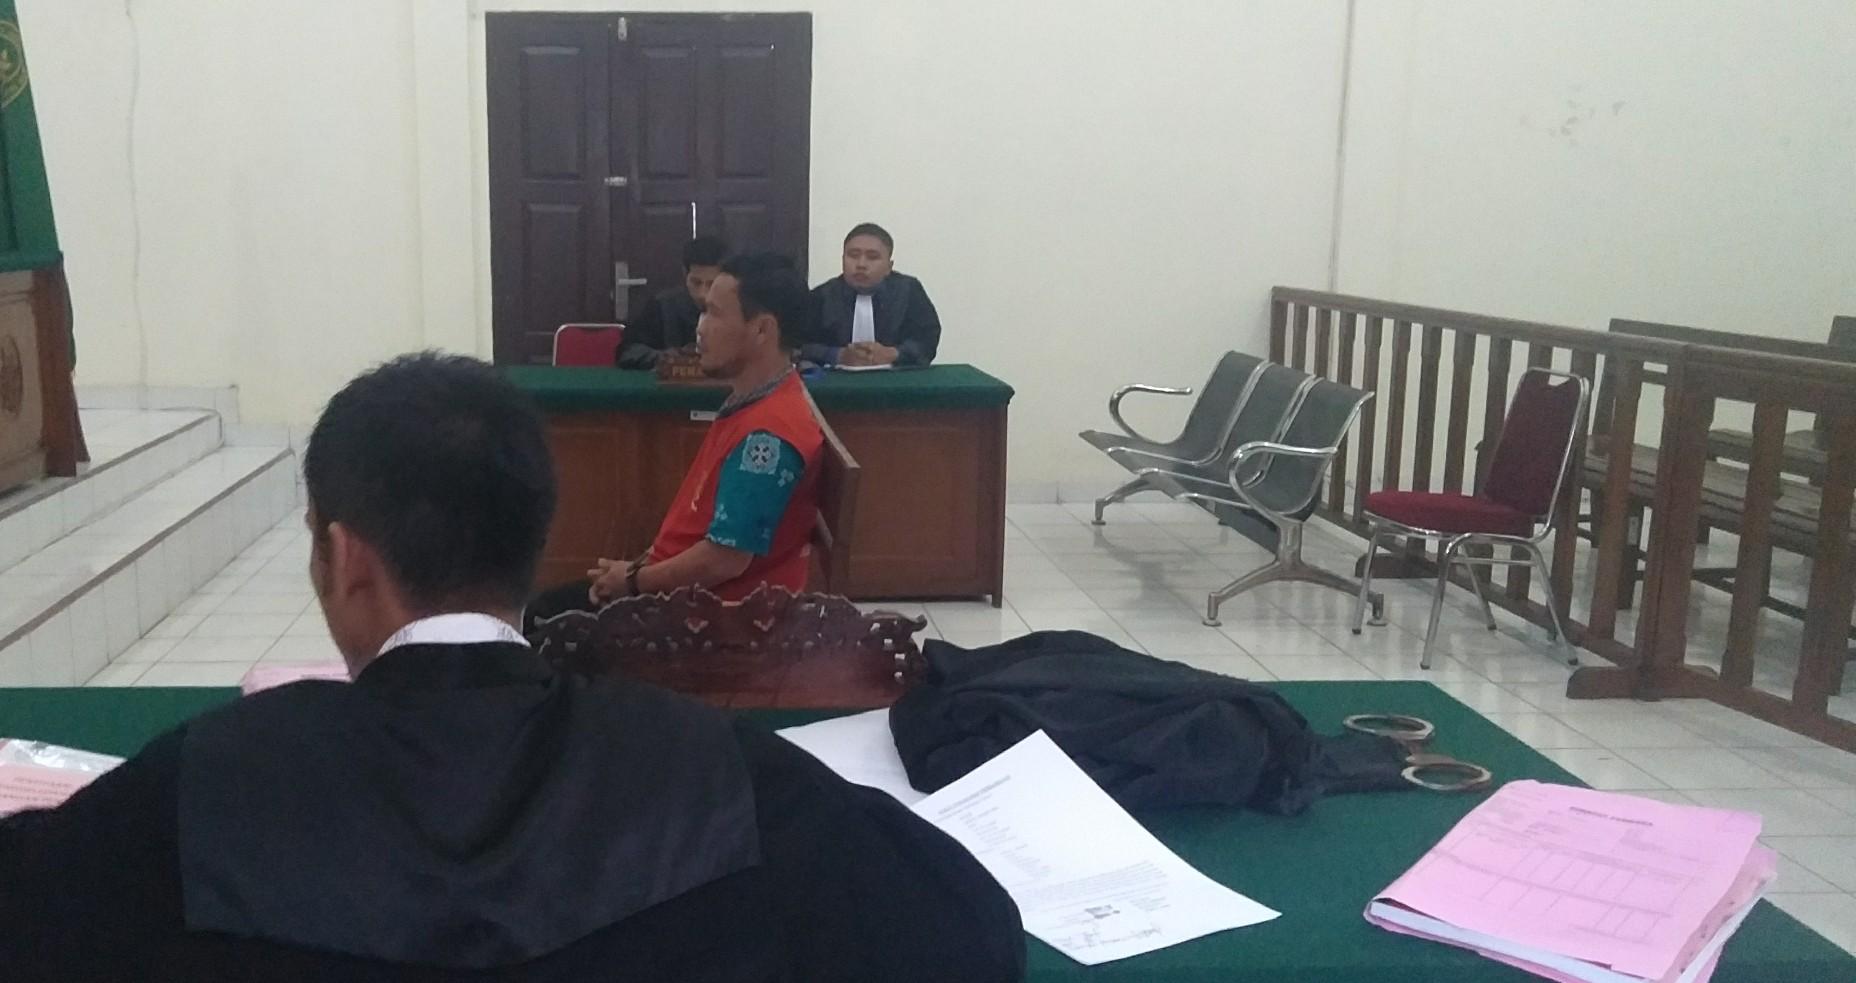 Pembunuh Sadis Siswi SD di Rohil ini Terancam Hukuman Mati